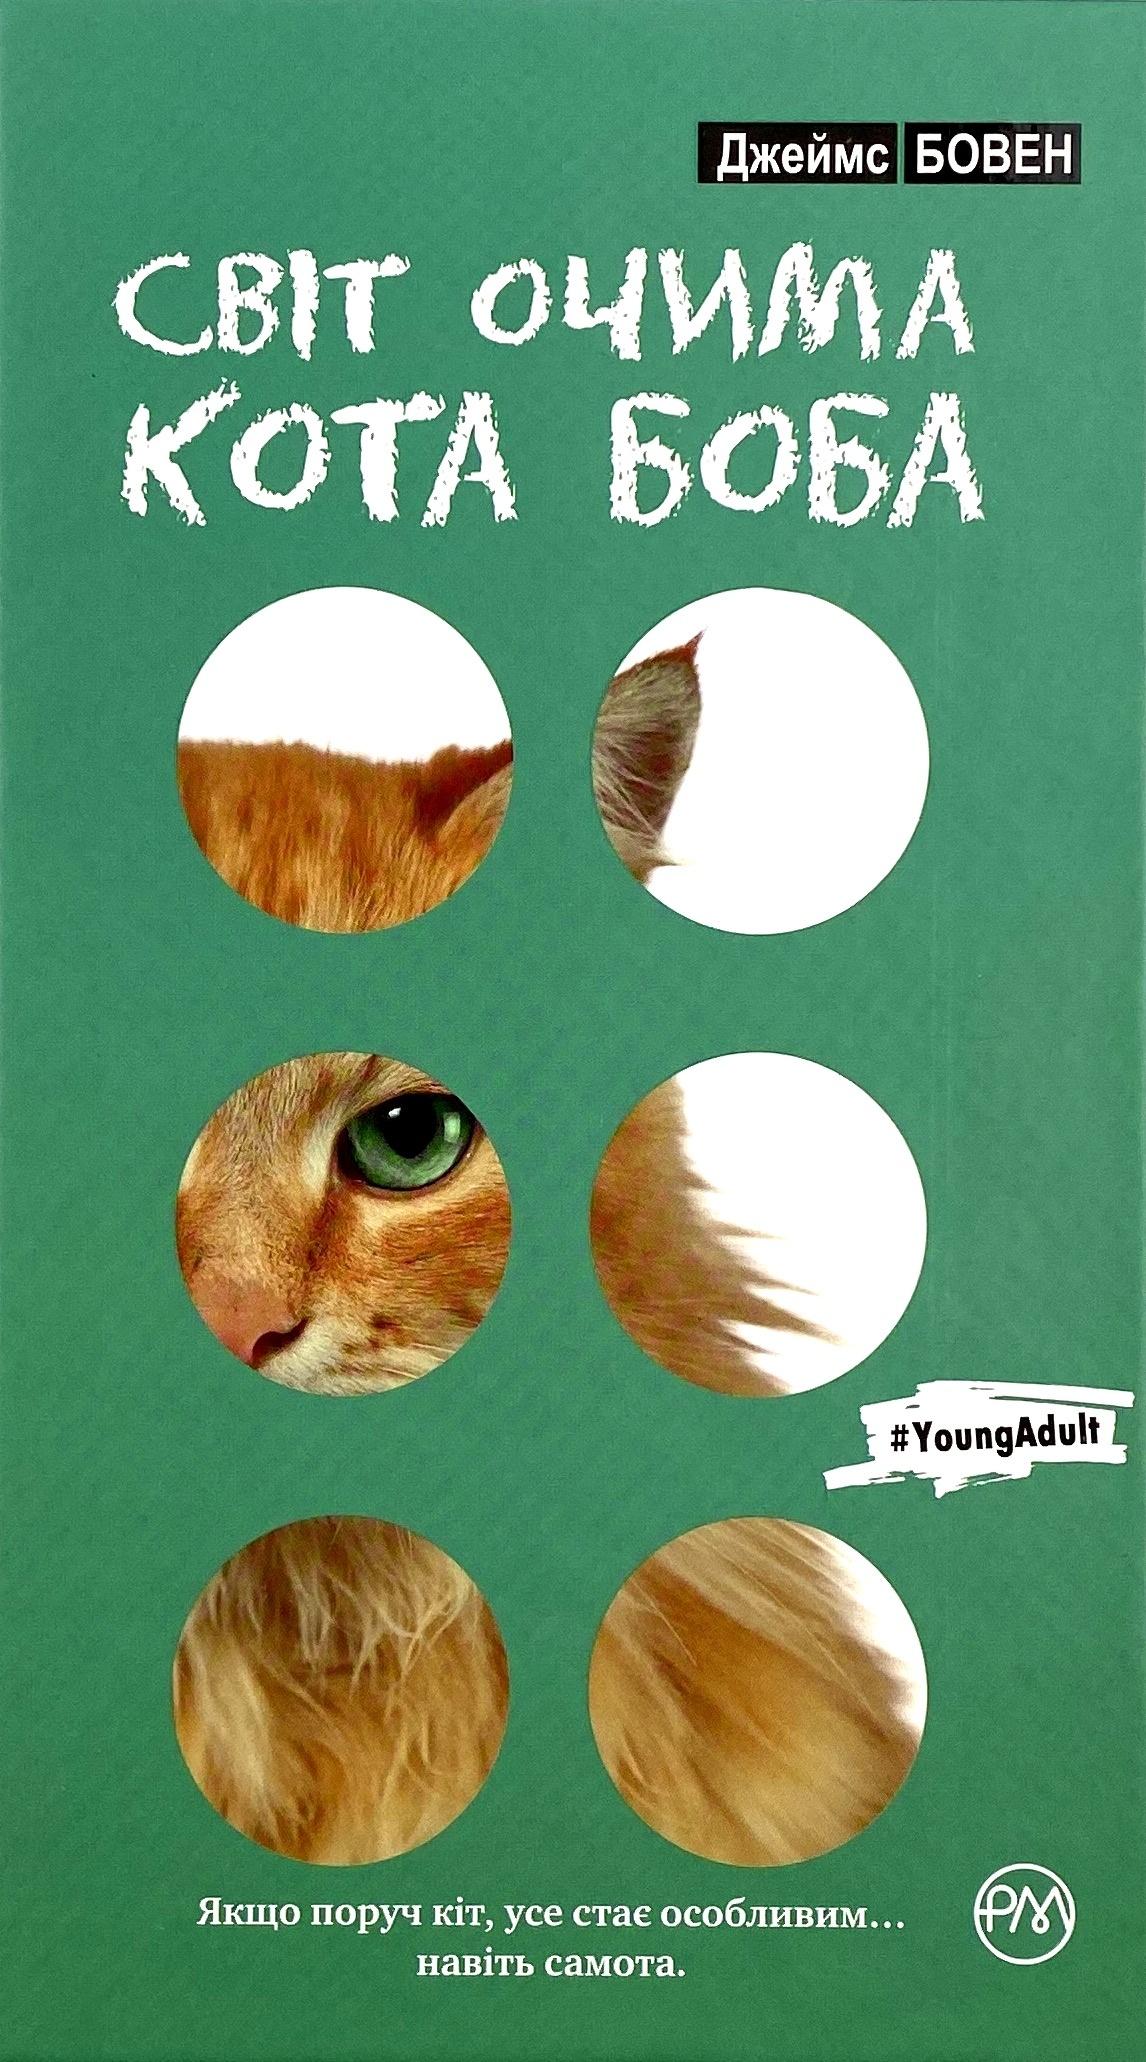 Світ очима кота Боба. Автор — Джеймс Бовен.